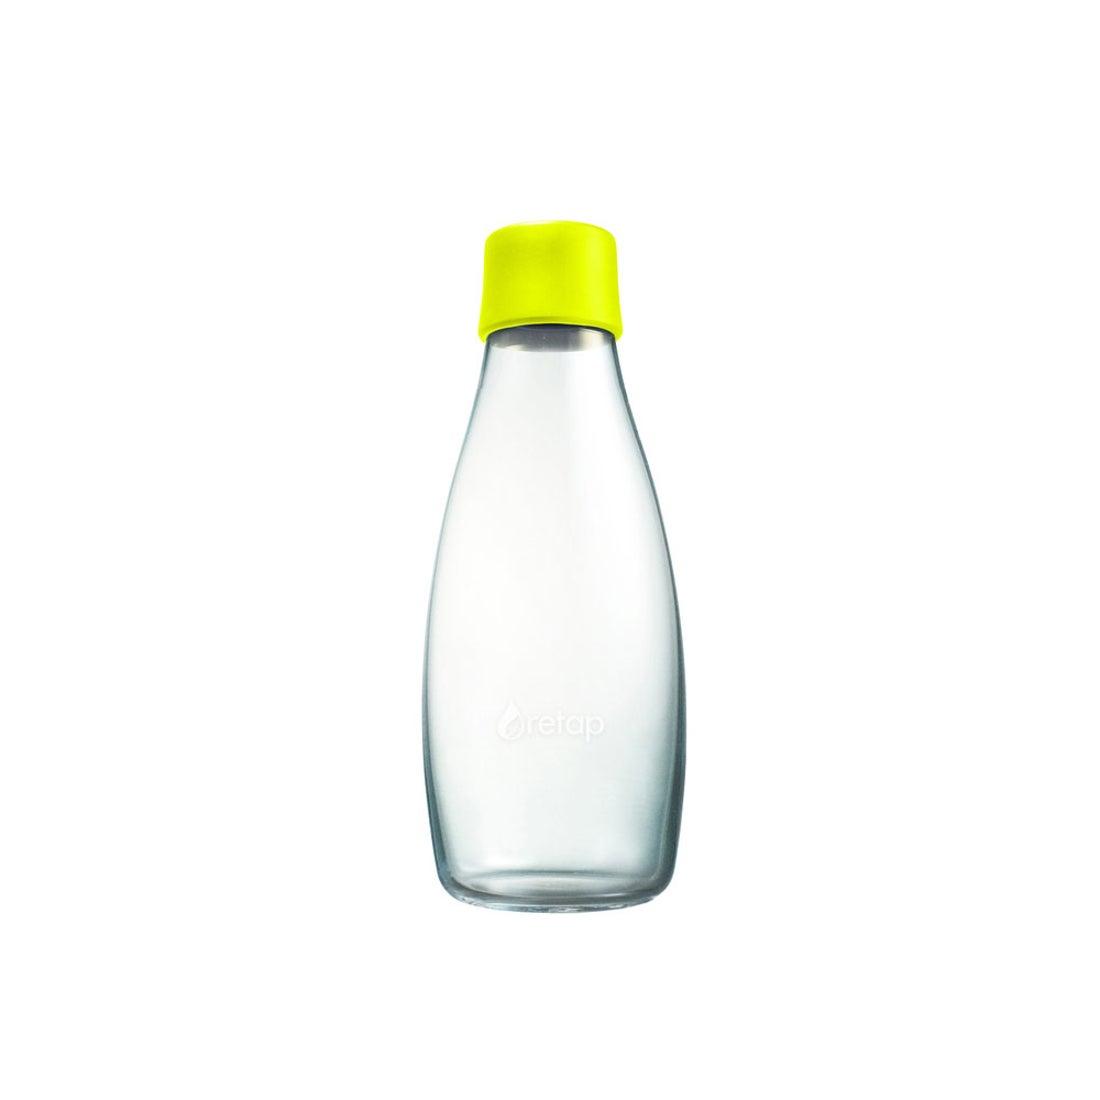 ノーブランド No Brand retapbottle05 リタップボトル 500ml (レモンライム)